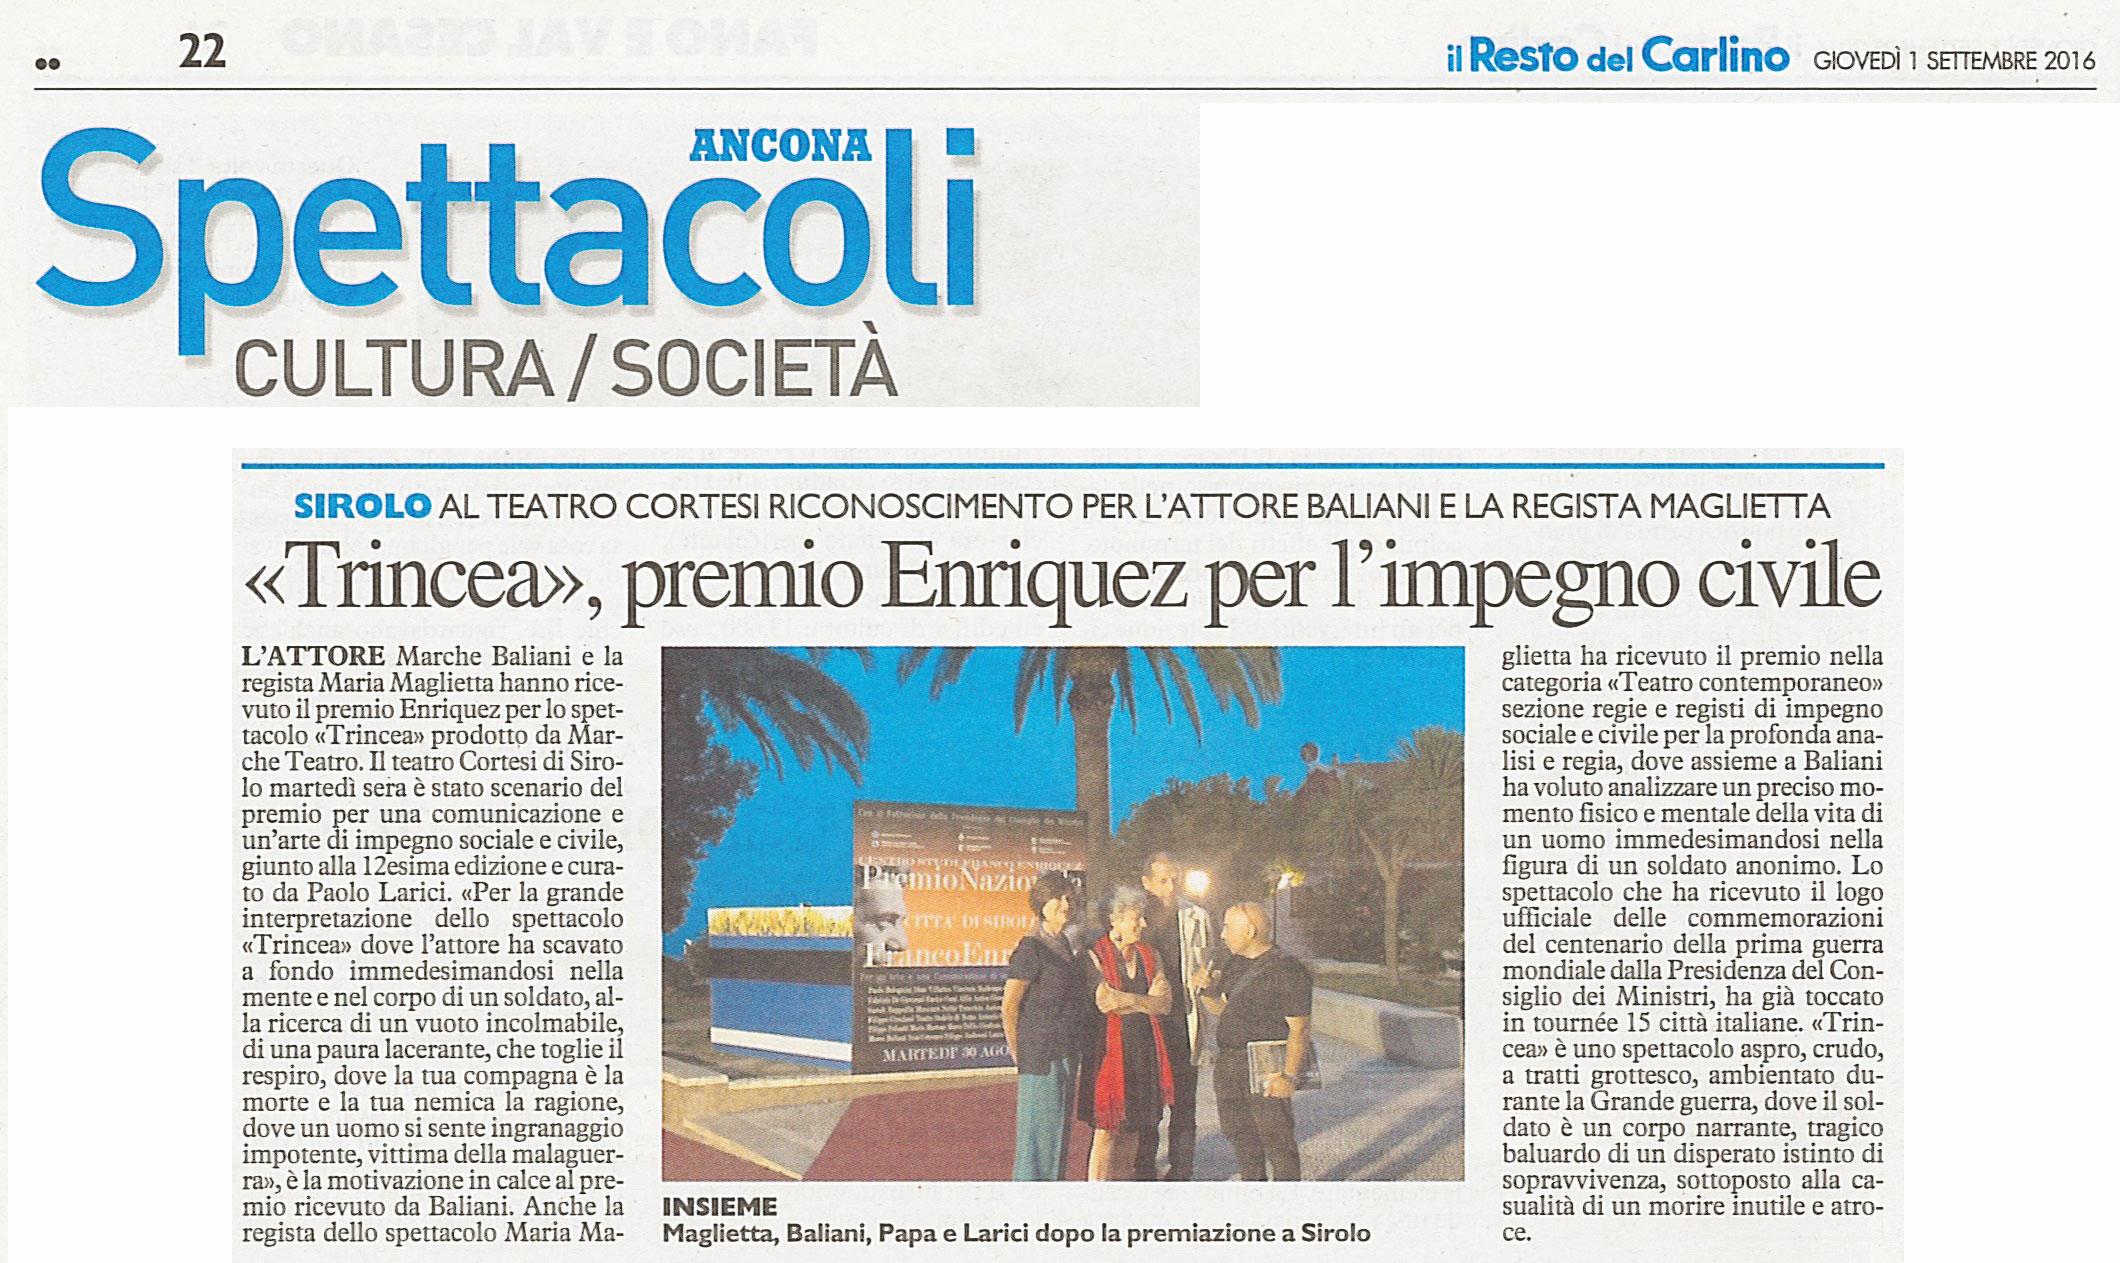 2016_09_01_-trincea-premio-enriquez-per-l'impegno-civile_il-resto-del-carlino